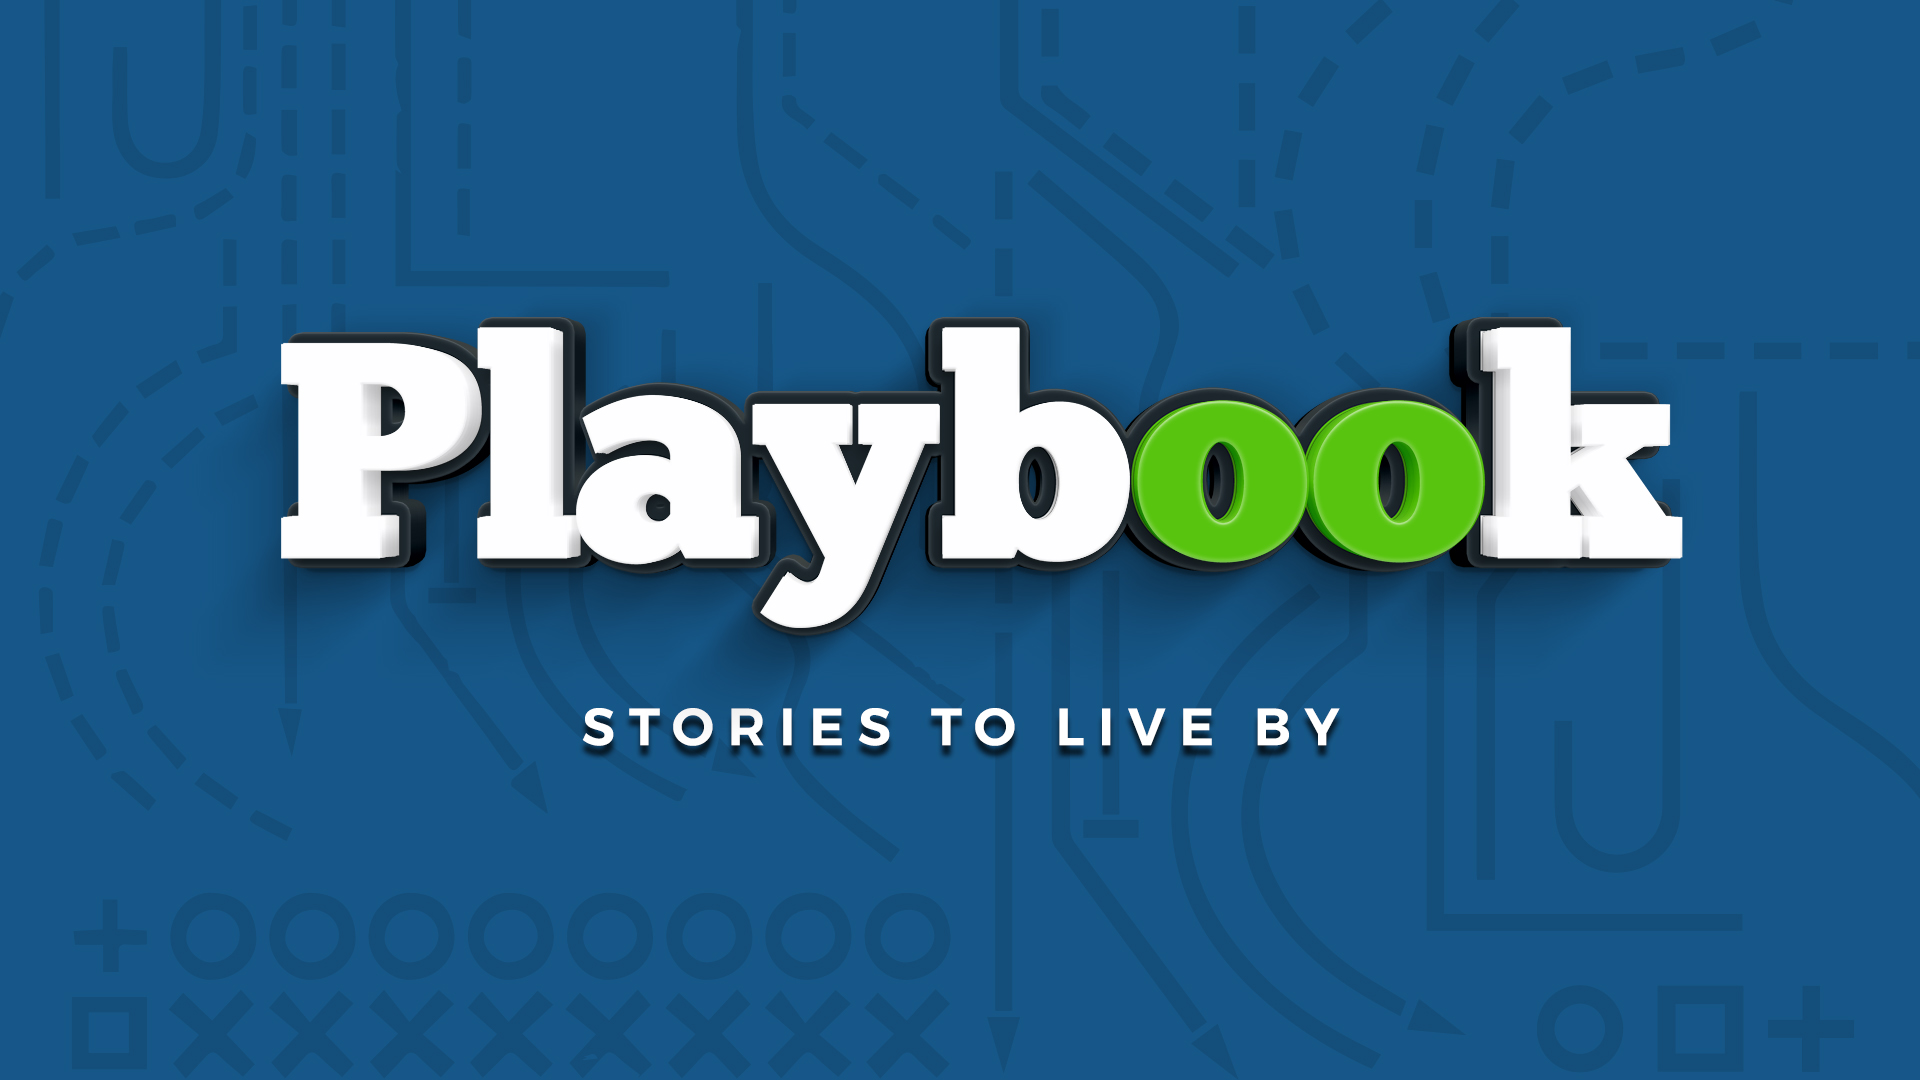 Playbook 1920x1080.jpg